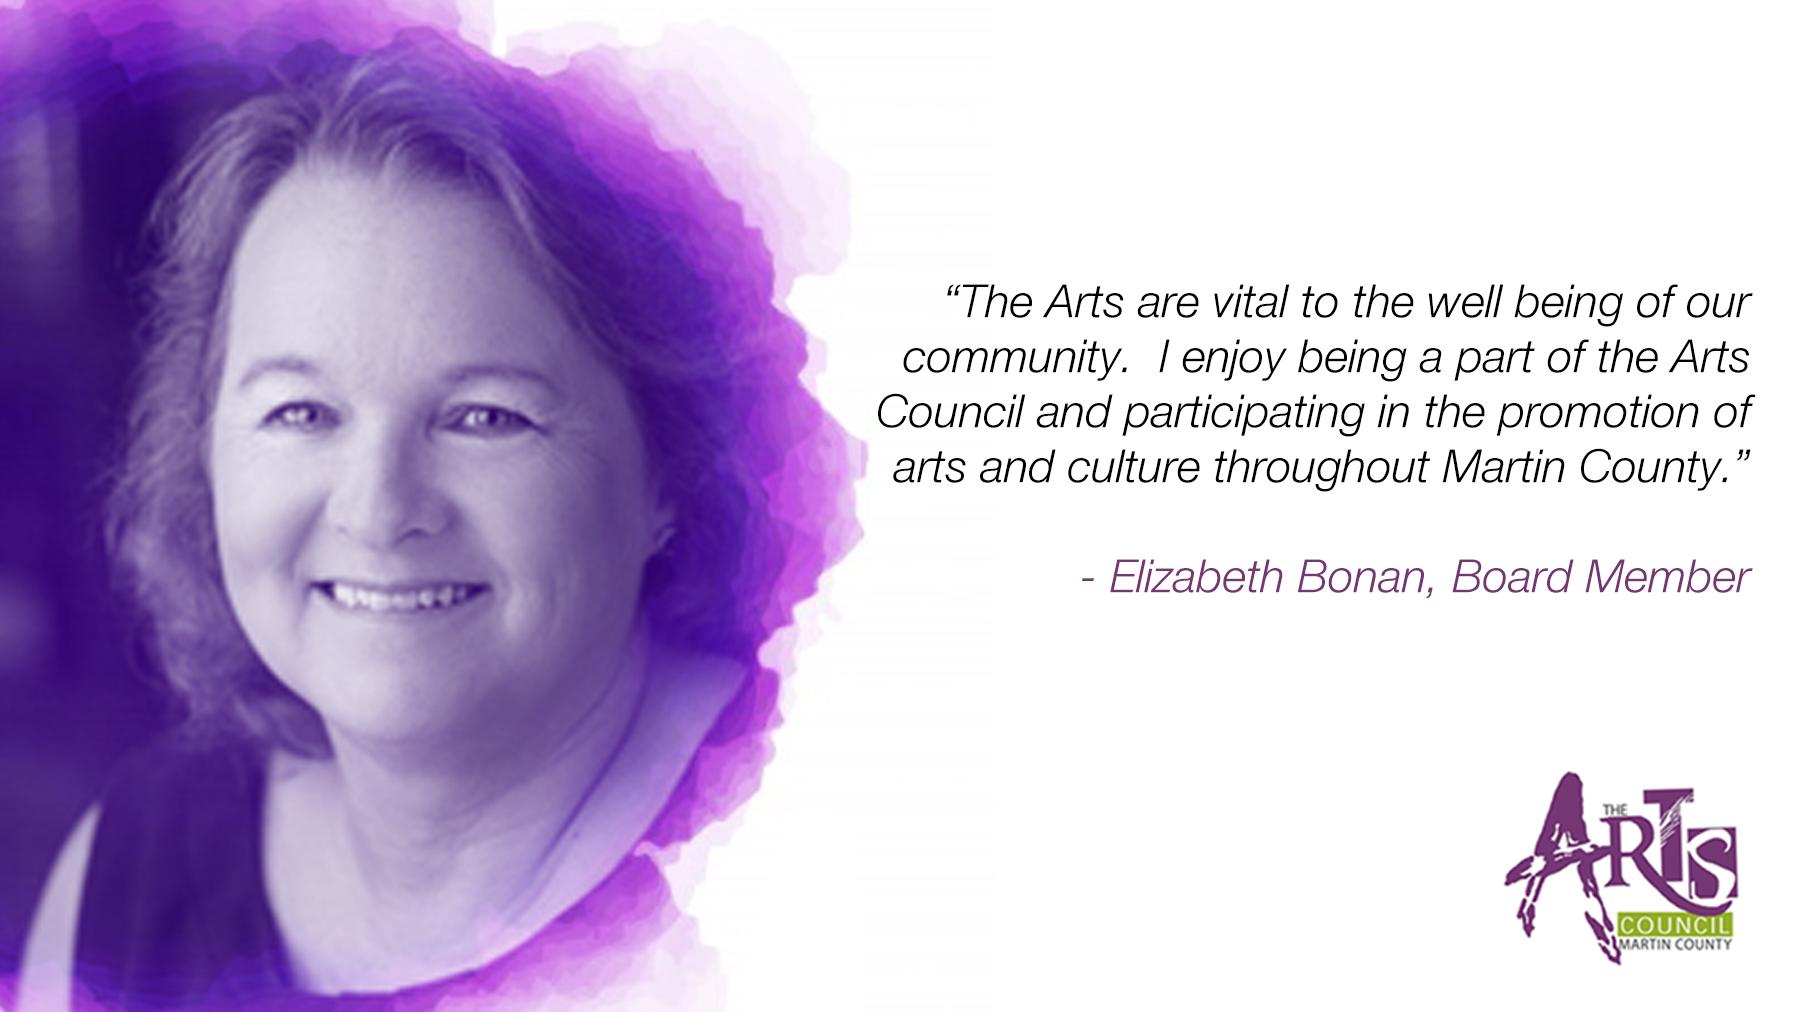 Elizabeth Bonan